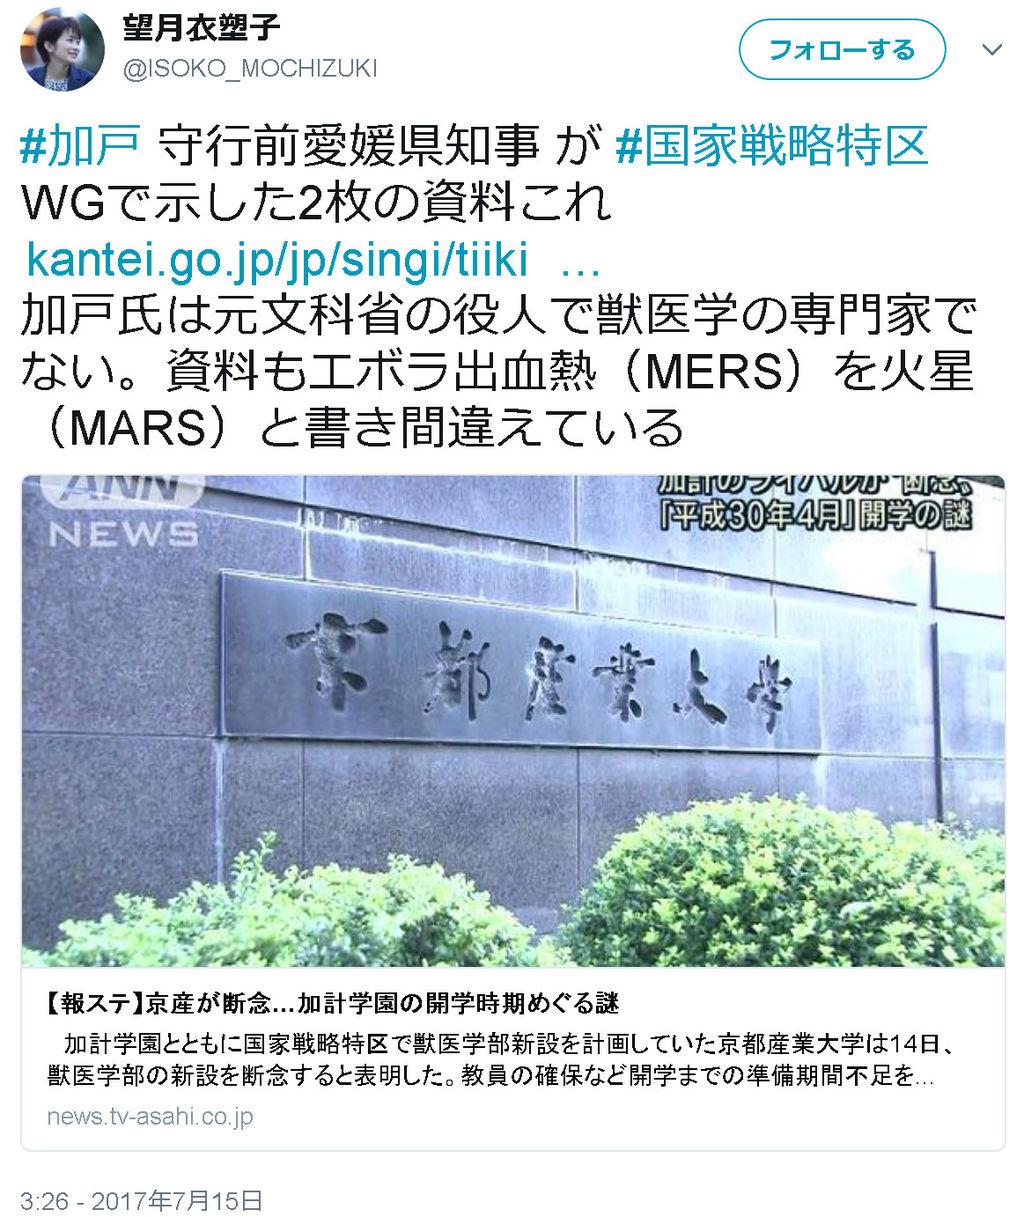 http://livedoor.blogimg.jp/gensen_2ch/imgs/a/5/a5878b16.jpg